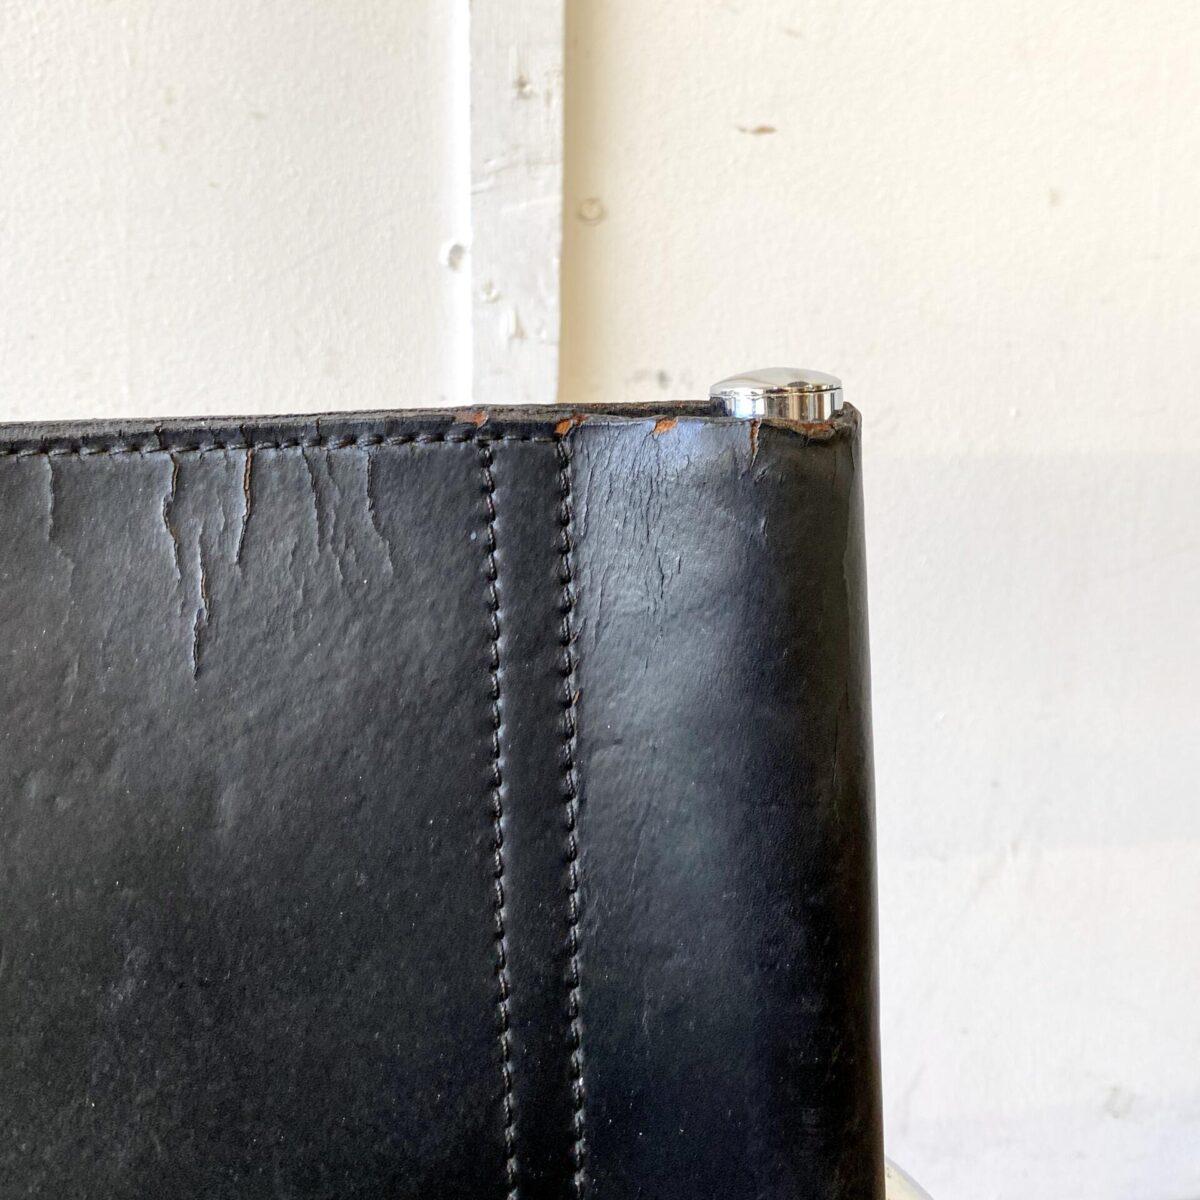 Deuxieme.shop Leder Freischwinger mies van der Rohe Bauhaus. 4er Set Leder Freischwinger. Das Stahlrohrgestell ist verchromt. Sitz und Lehne aus schwarzem Leder, teilweise etwas verbraucht gemäss Fotos. Die Sitzfläche ist Doppellagig und bei einem hat die untere Seite ein Riss. Die Armlehnen sind ebenfalls mit Leder eingefasst. Preis fürs Set.